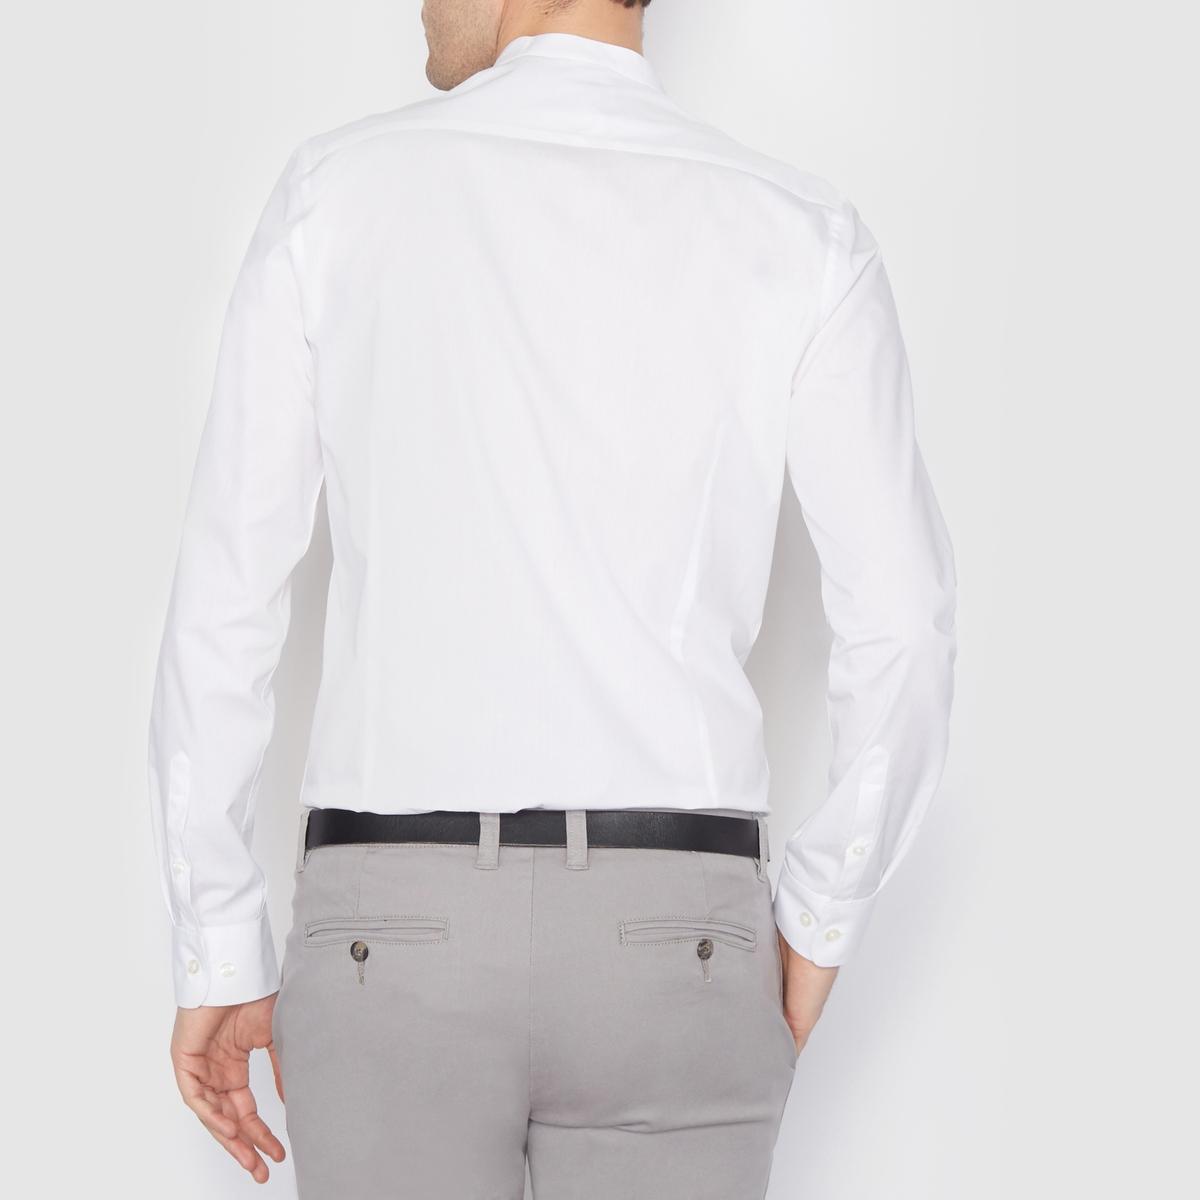 Рубашка зауженного покроя 100% хлопокРубашка в повседневном стиле, узкий покрой, воротник-стойка. Длина 77 см. Низ рукавов с застежкой на пуговицы. Рубашка, 100% хлопок.<br><br>Цвет: белый,небесно-голубой<br>Размер: 47/48.47/48.41/42.45/46